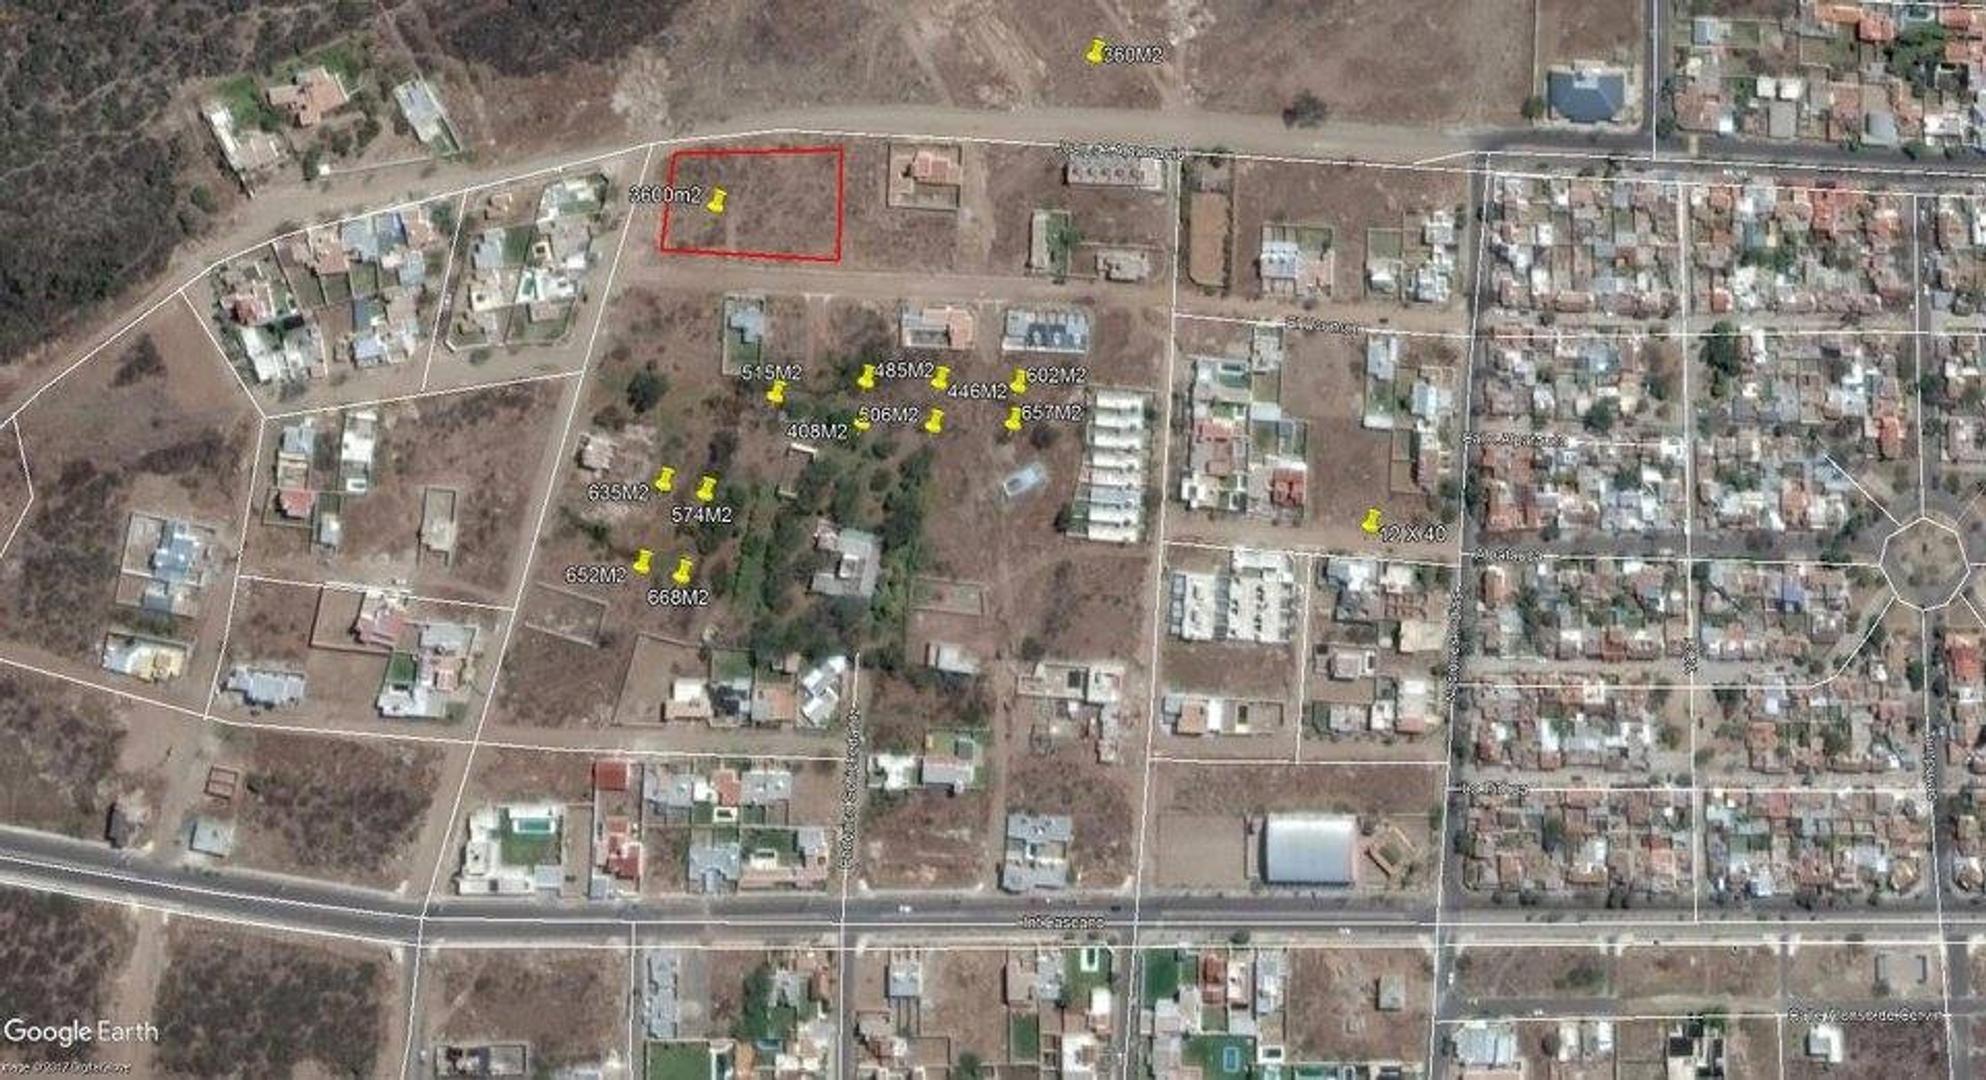 LOTES ZONA ALTA DESDE 360 M2 HASTA 3600 M2